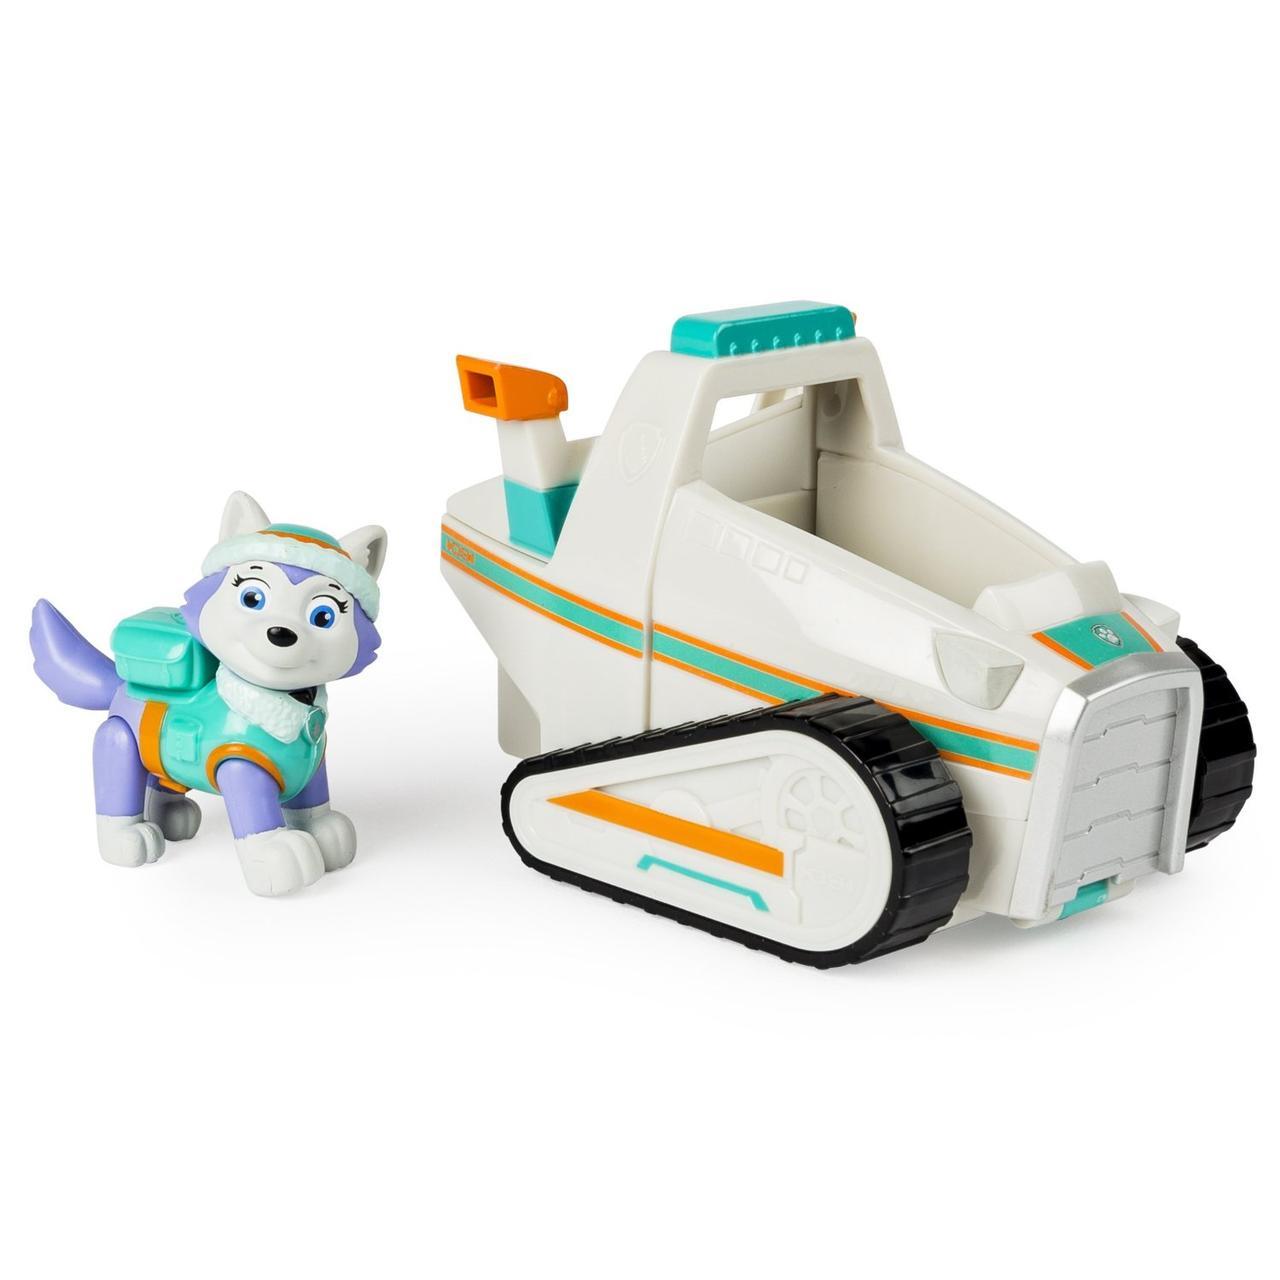 Игровой набор Paw Patrol. Everest's Rescue Snowmobile, Vehicle. (Щенячий патруль. Эверест с машинкой)